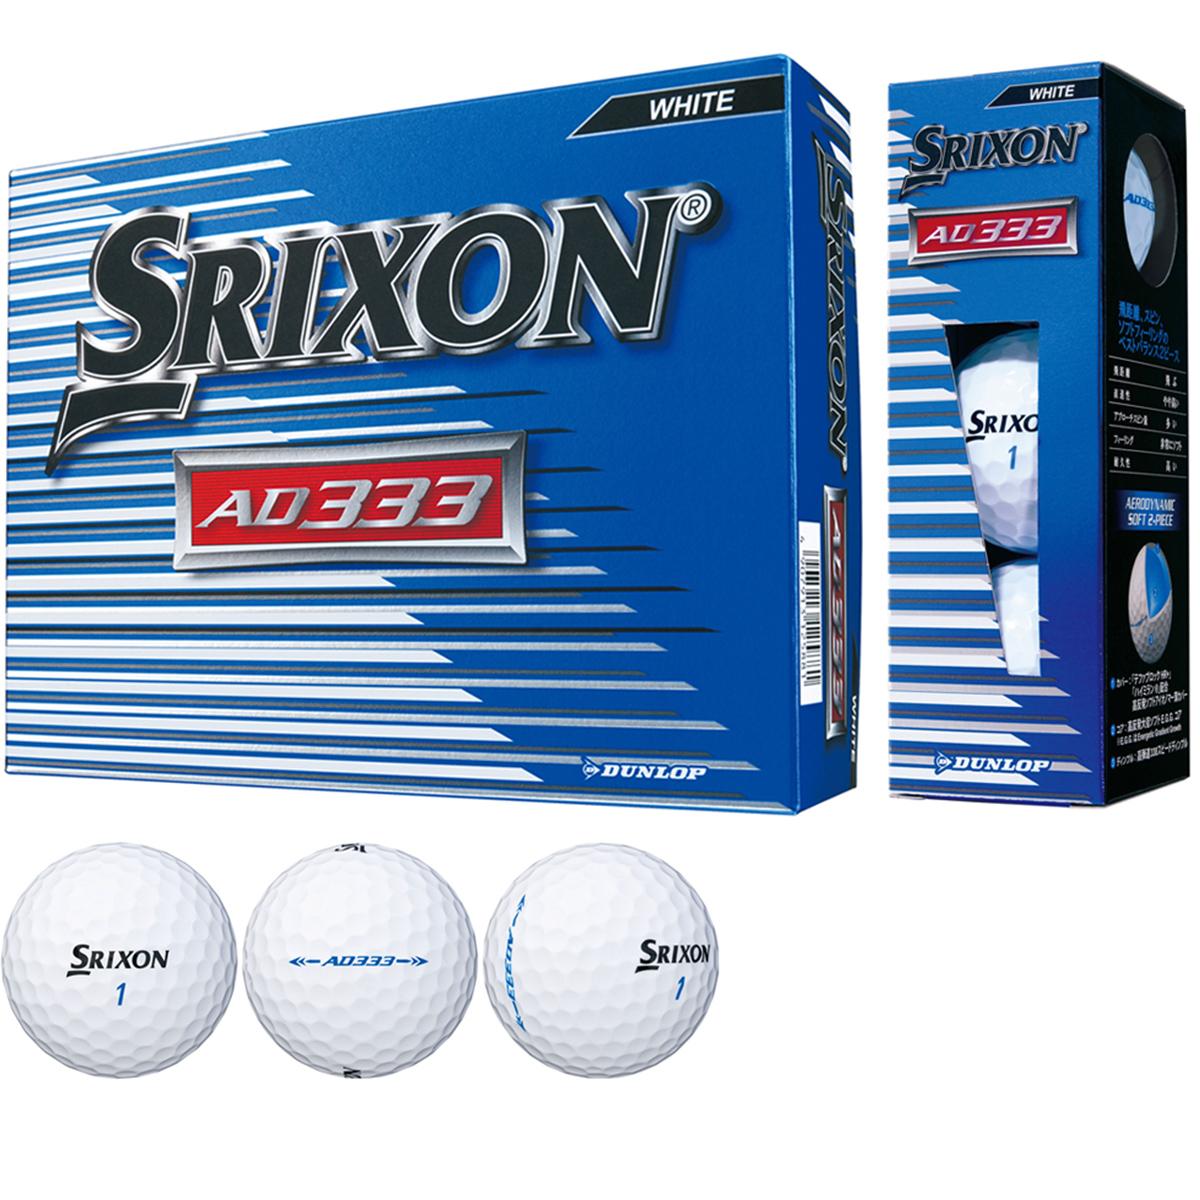 スリクソン AD333-7 ボール